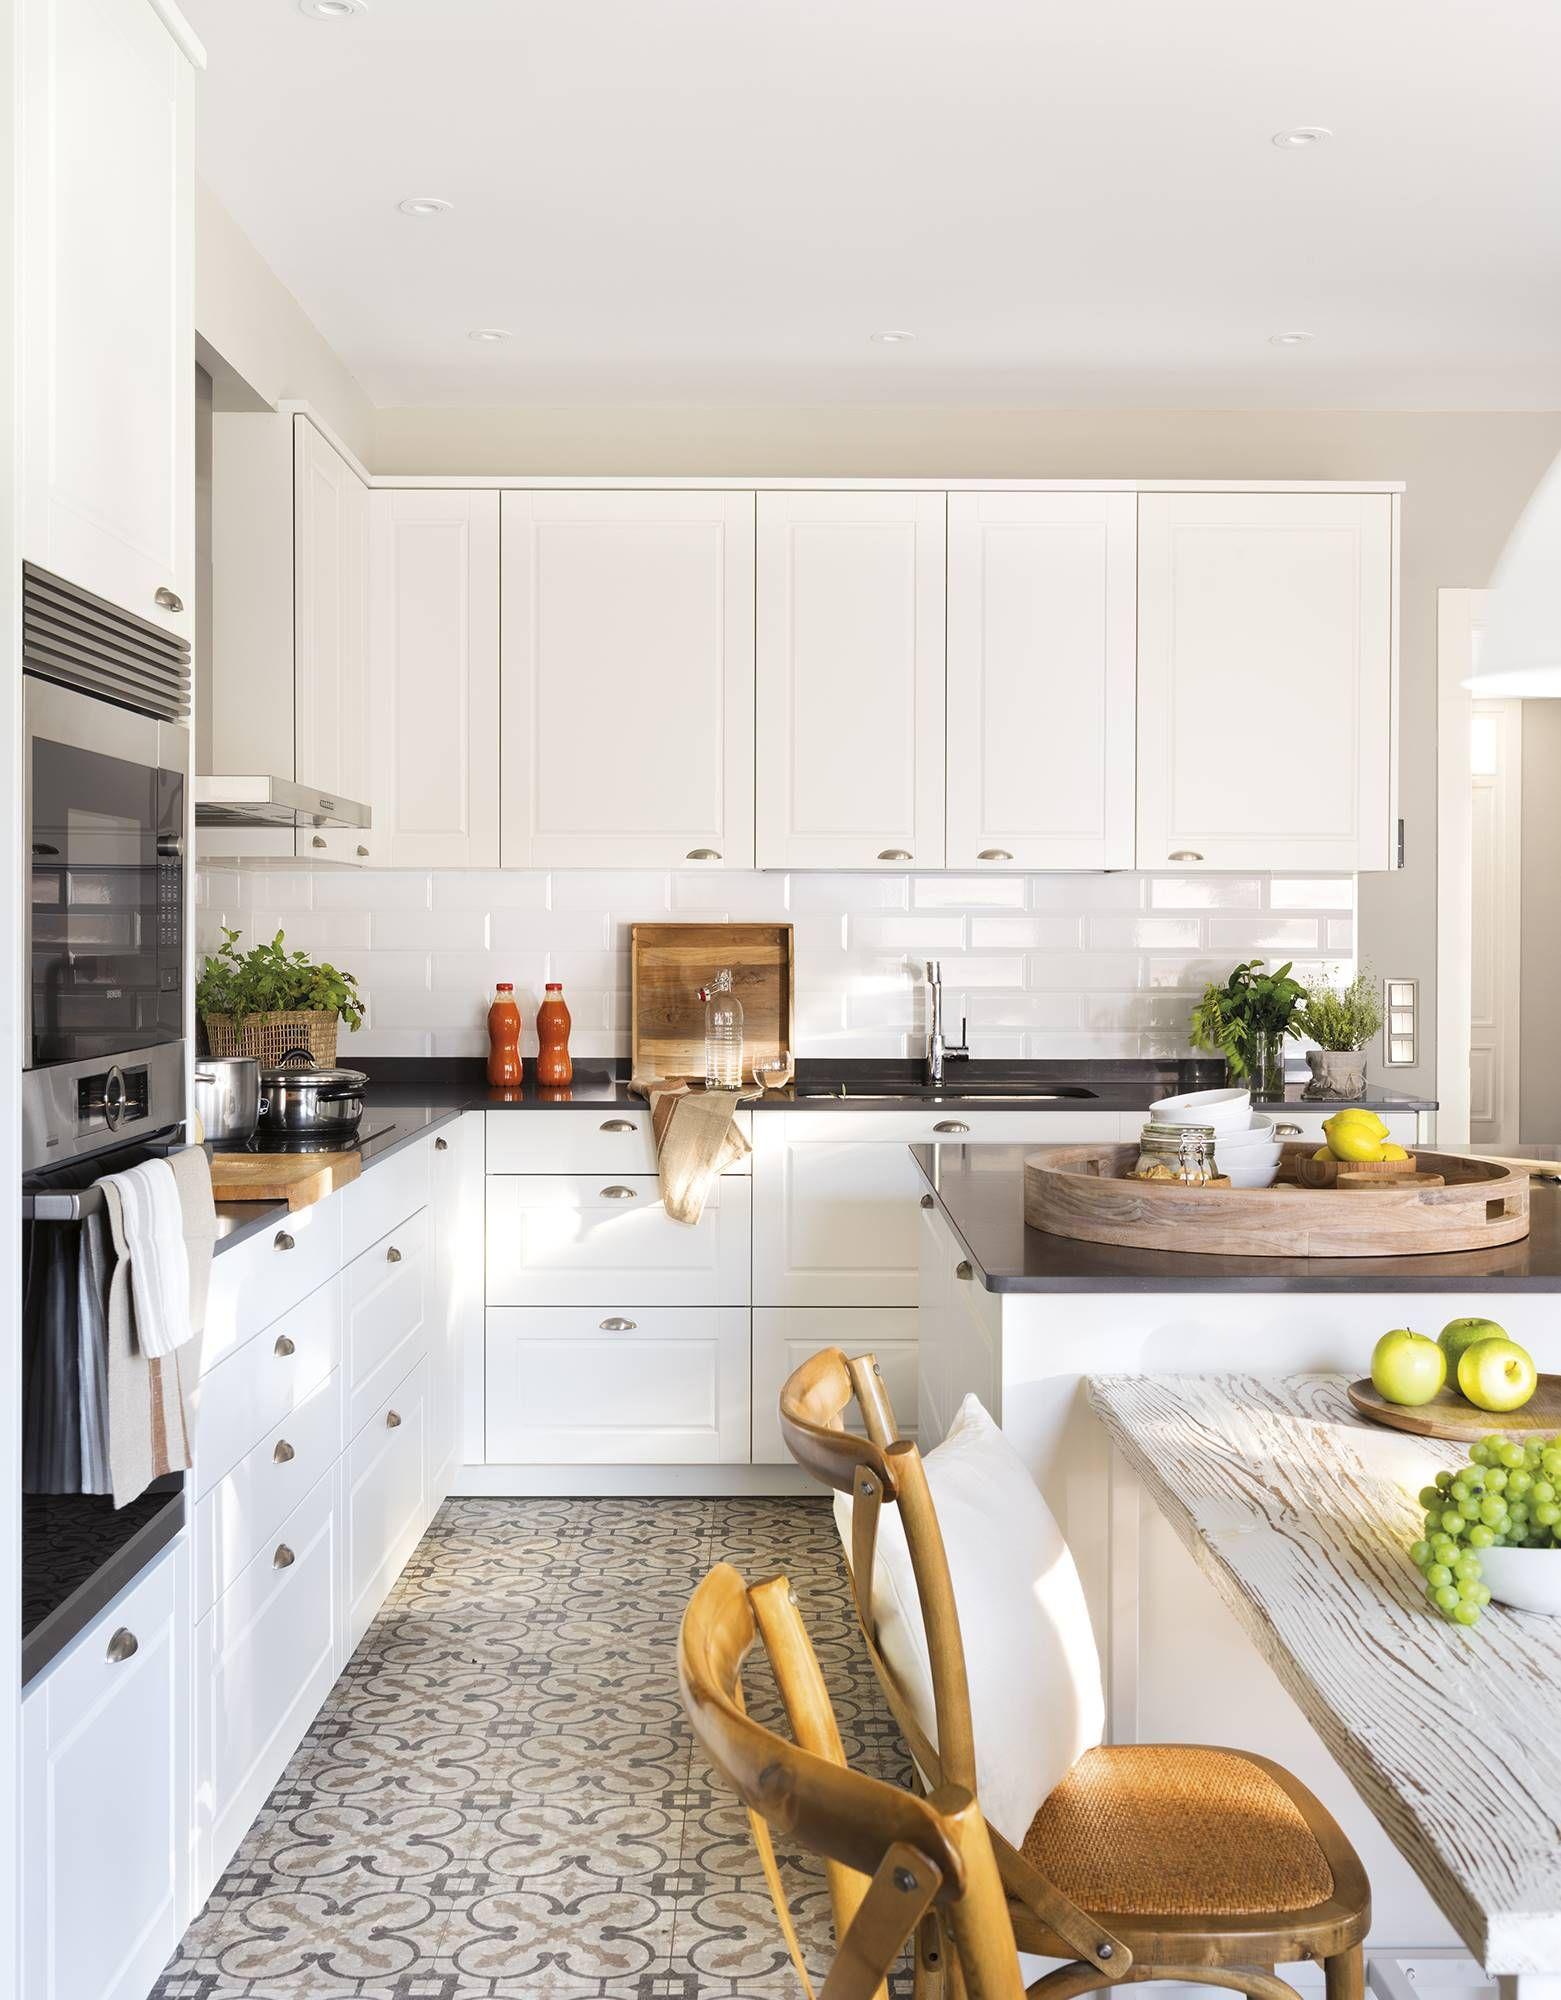 La casa de las ventanas mágicas  Mobiliario de cocina, Cocinas